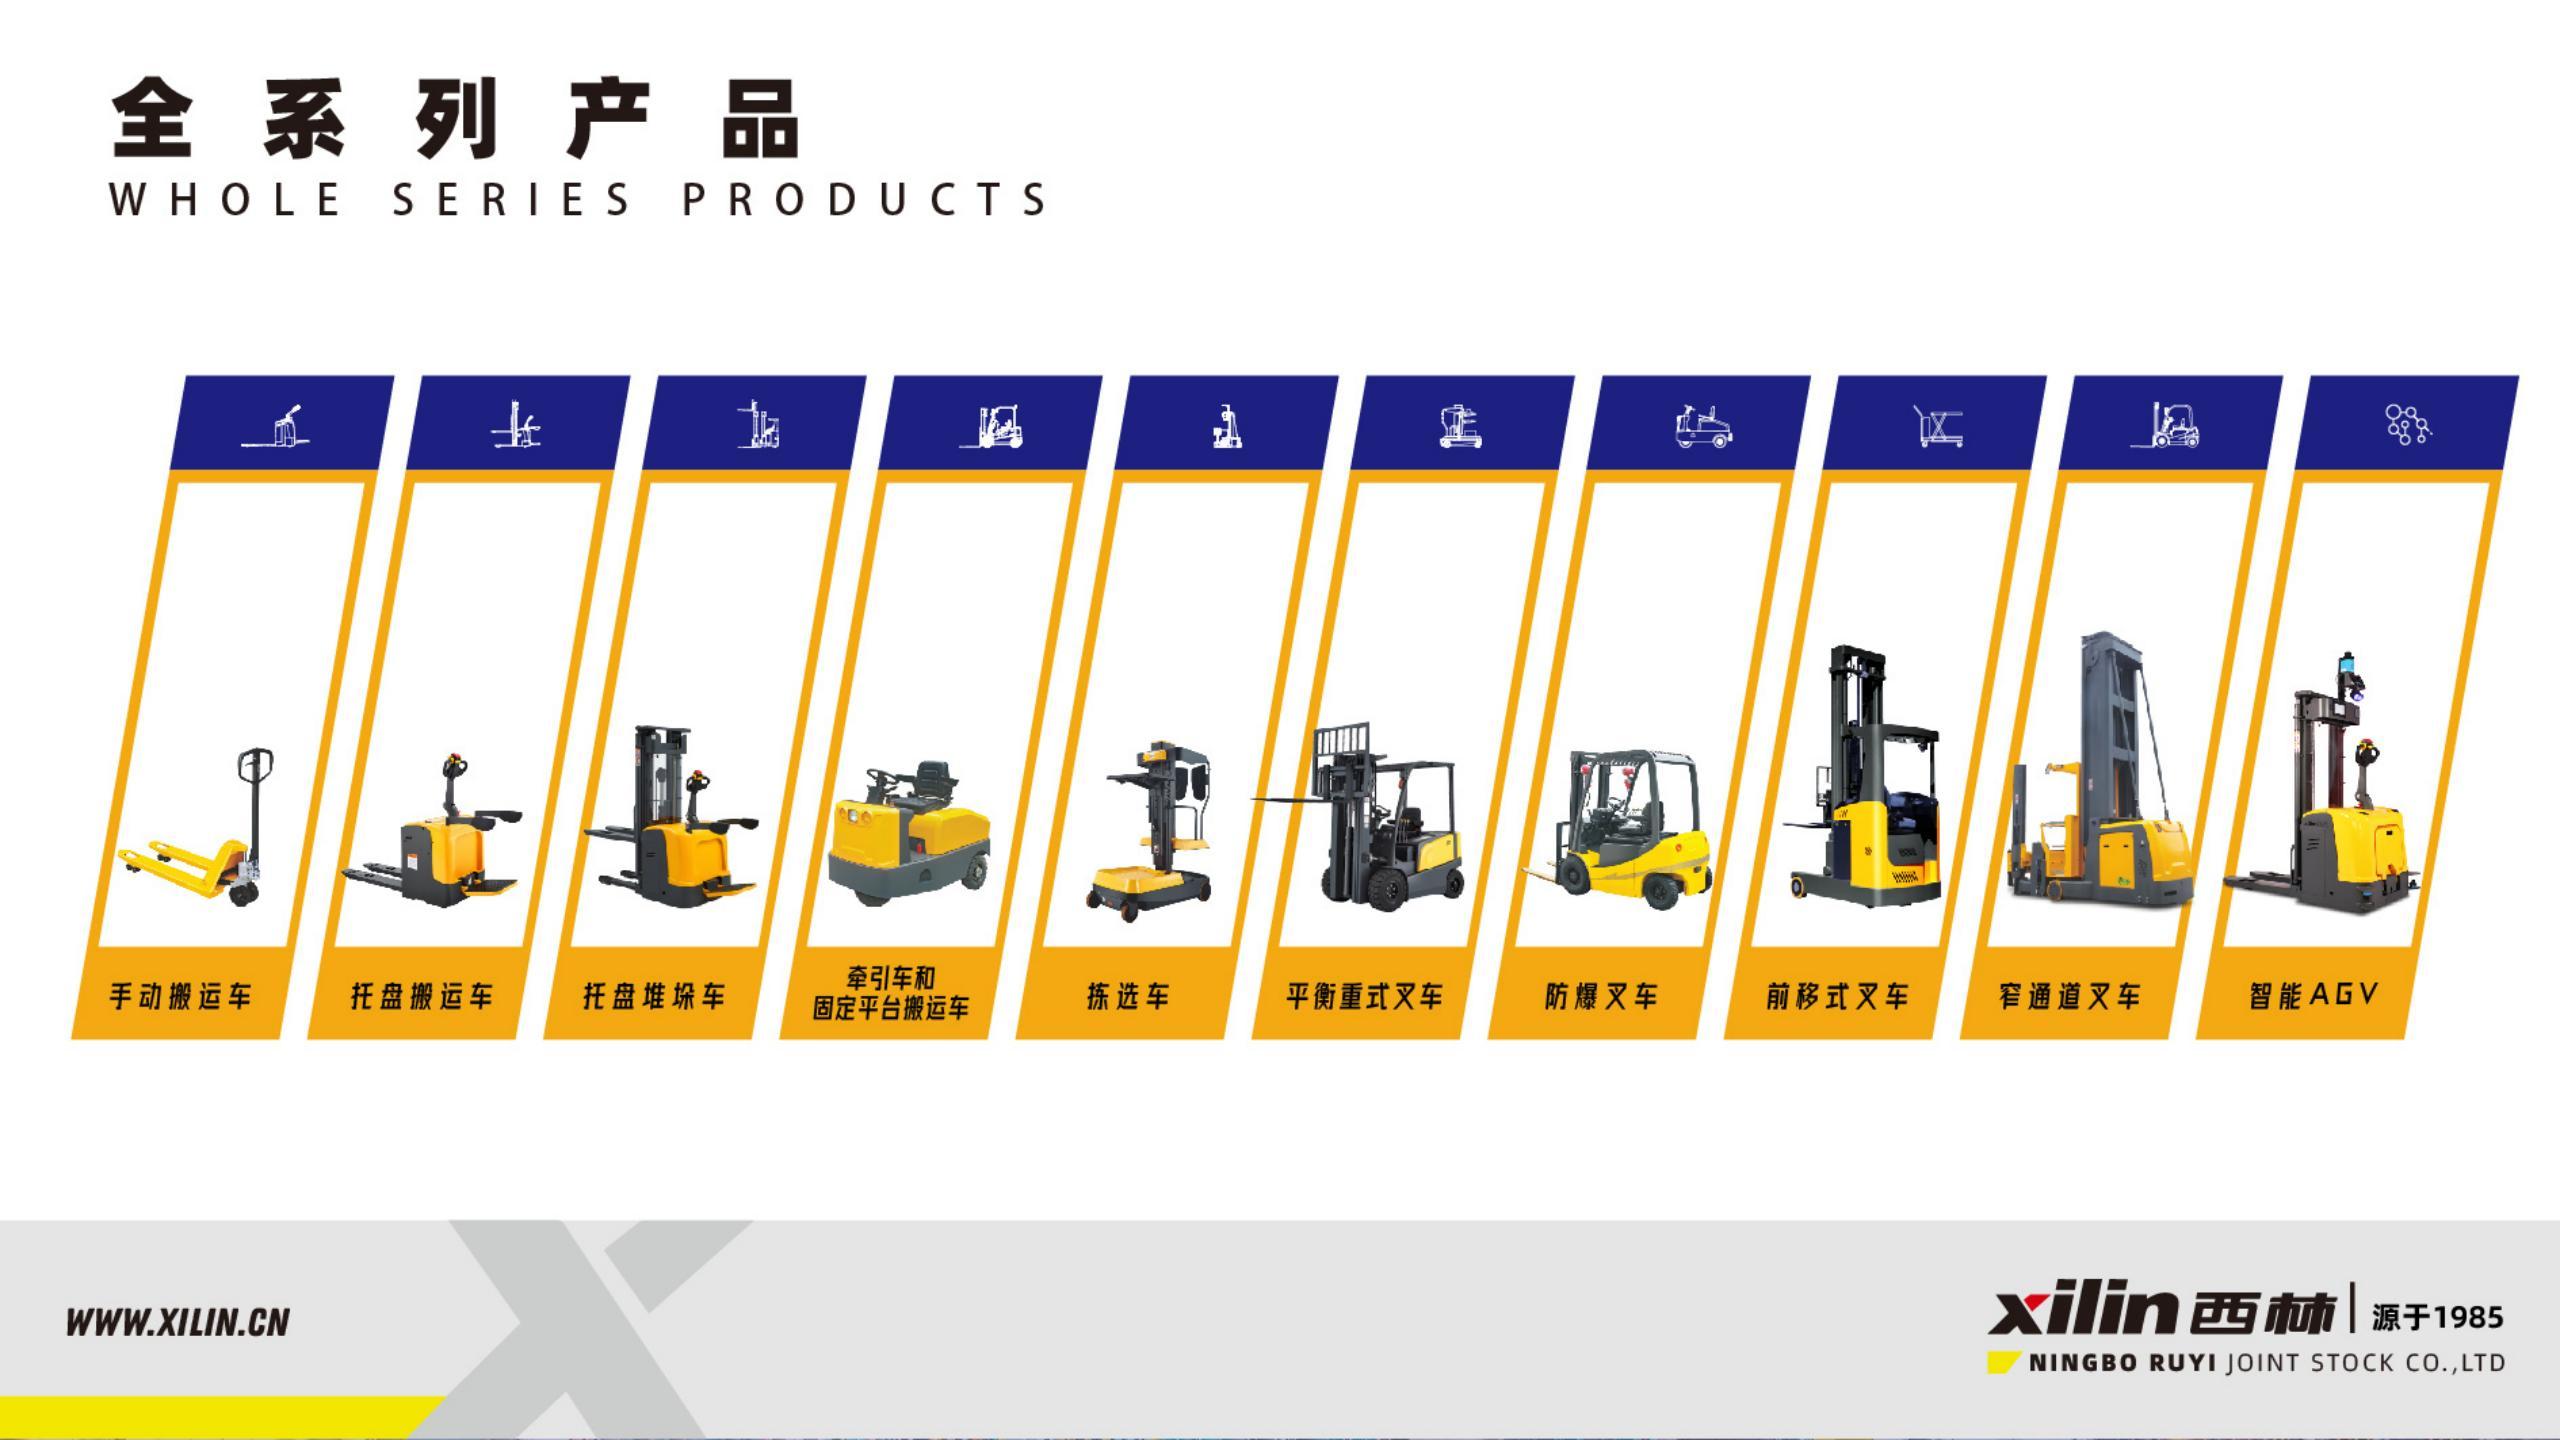 【西林bet9网站app】一站式仓储物流解决方案 lk 2021-8-25_10.jpg